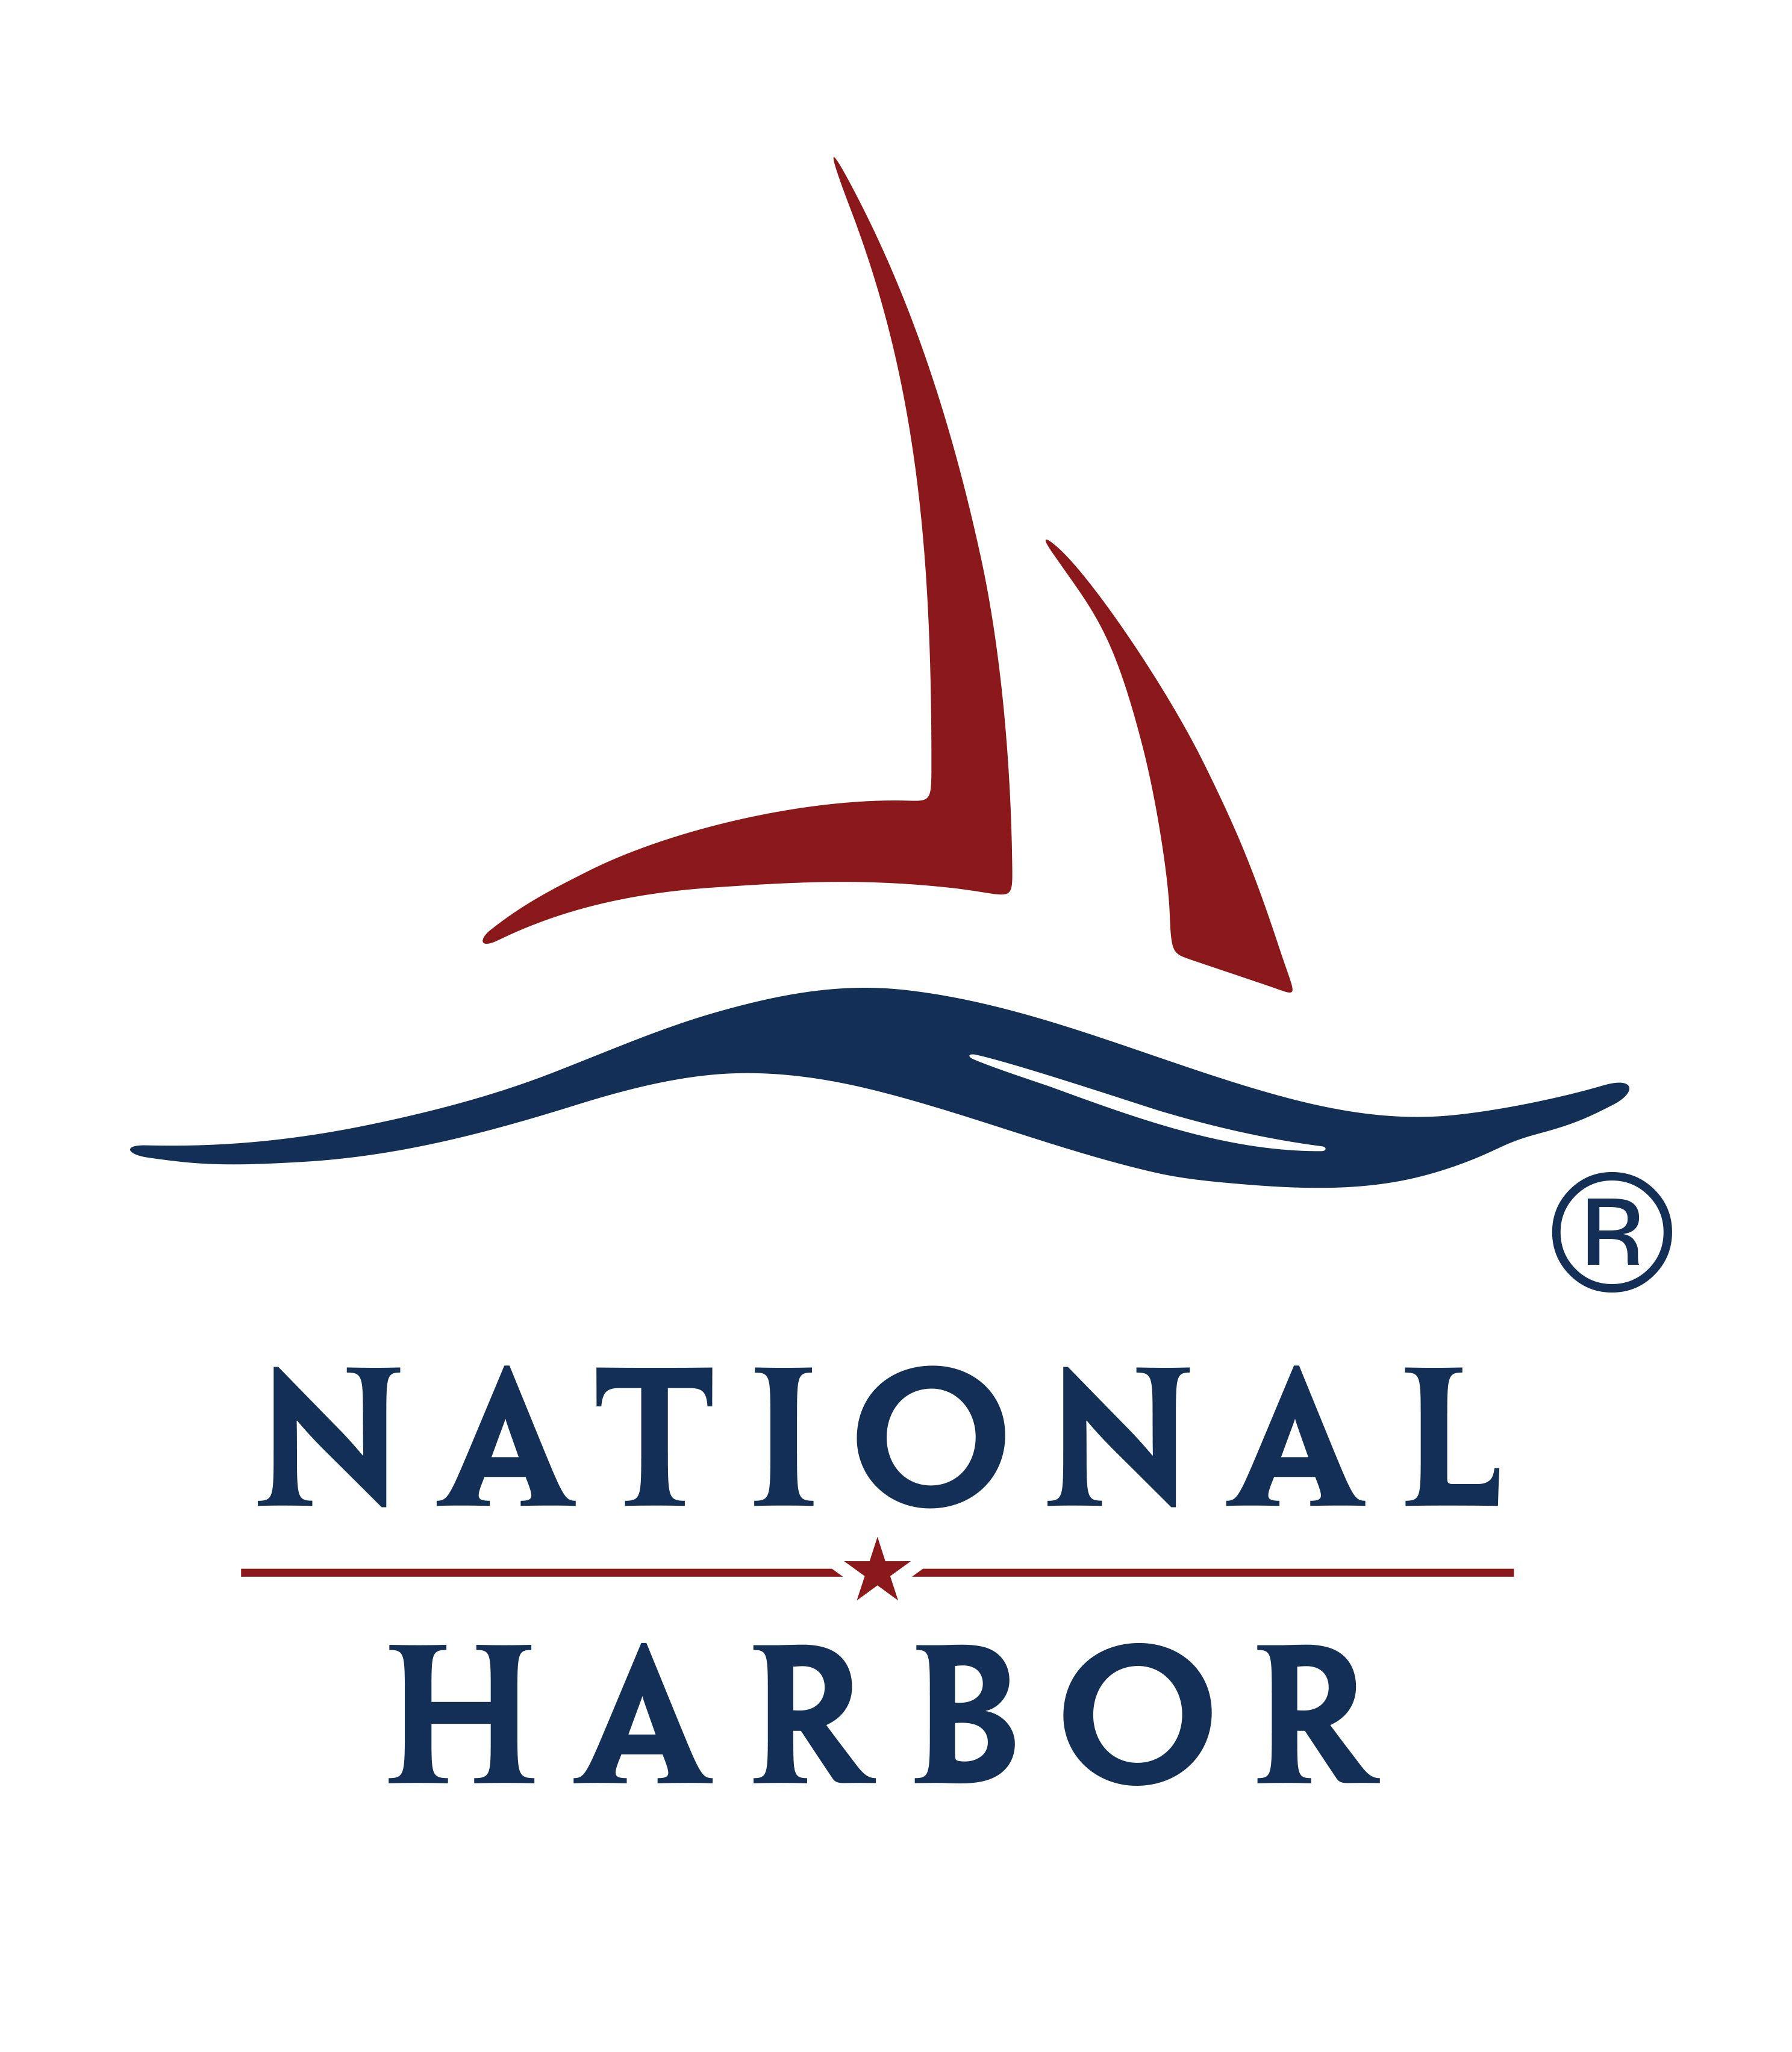 bnational Harbor Maryland NHLogo_RGB_PPTTM Fun summer